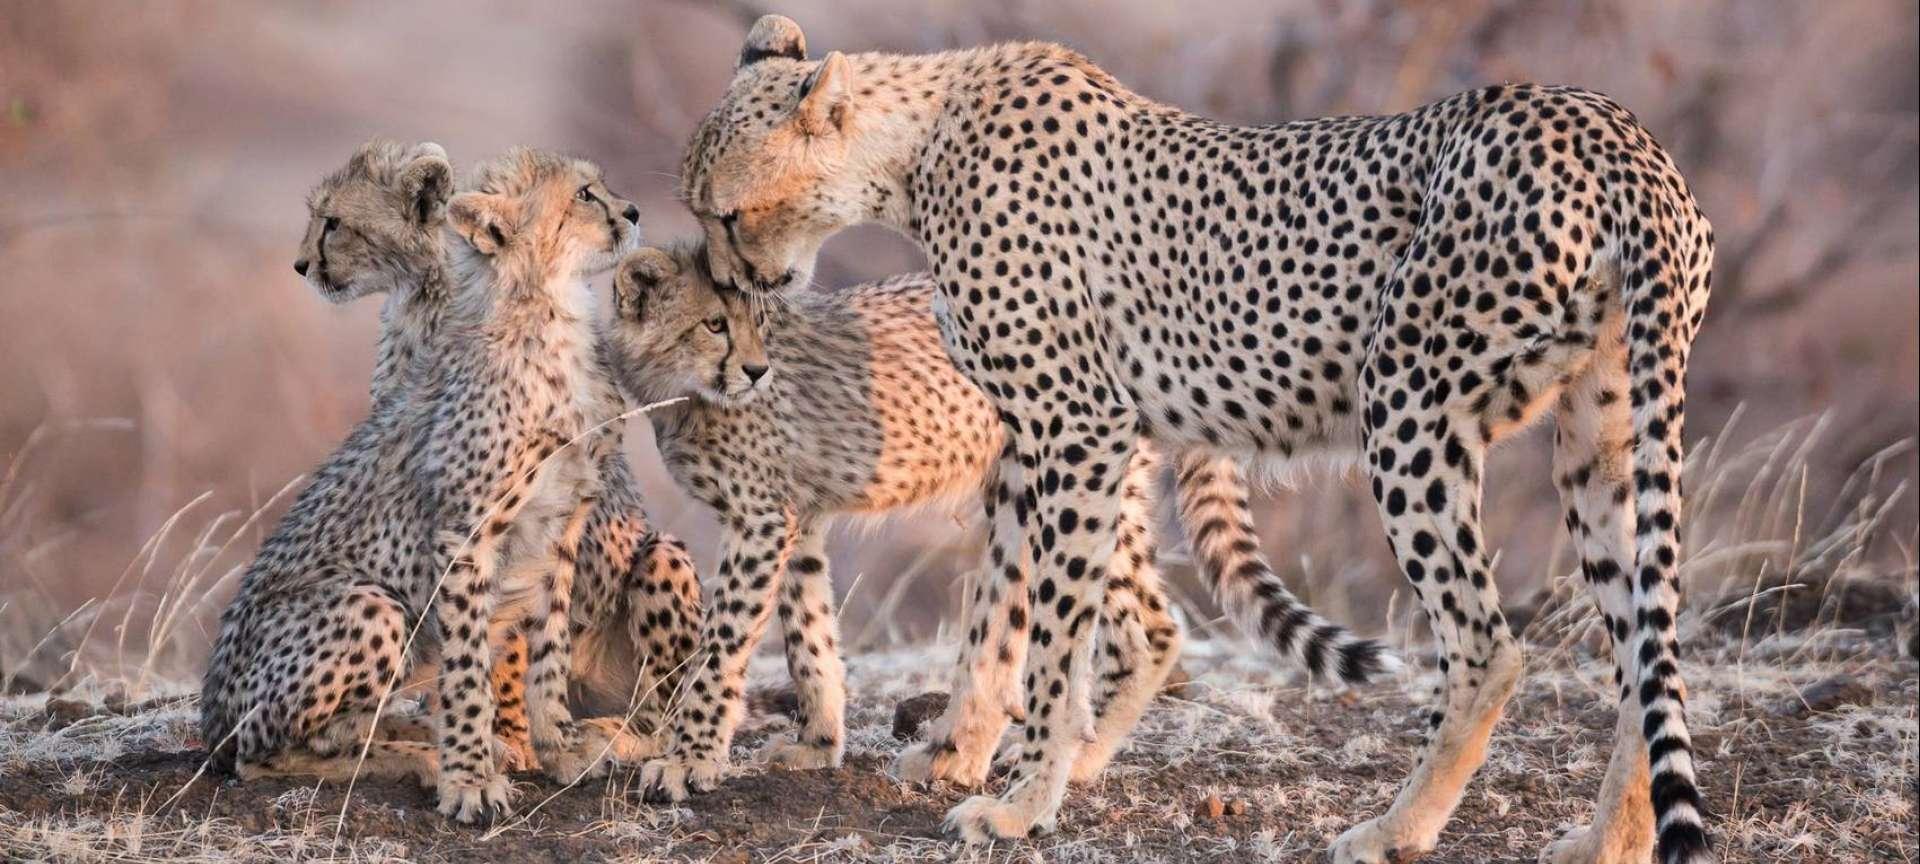 Big cat safaris in Africa - Africa Wildlife Safaris